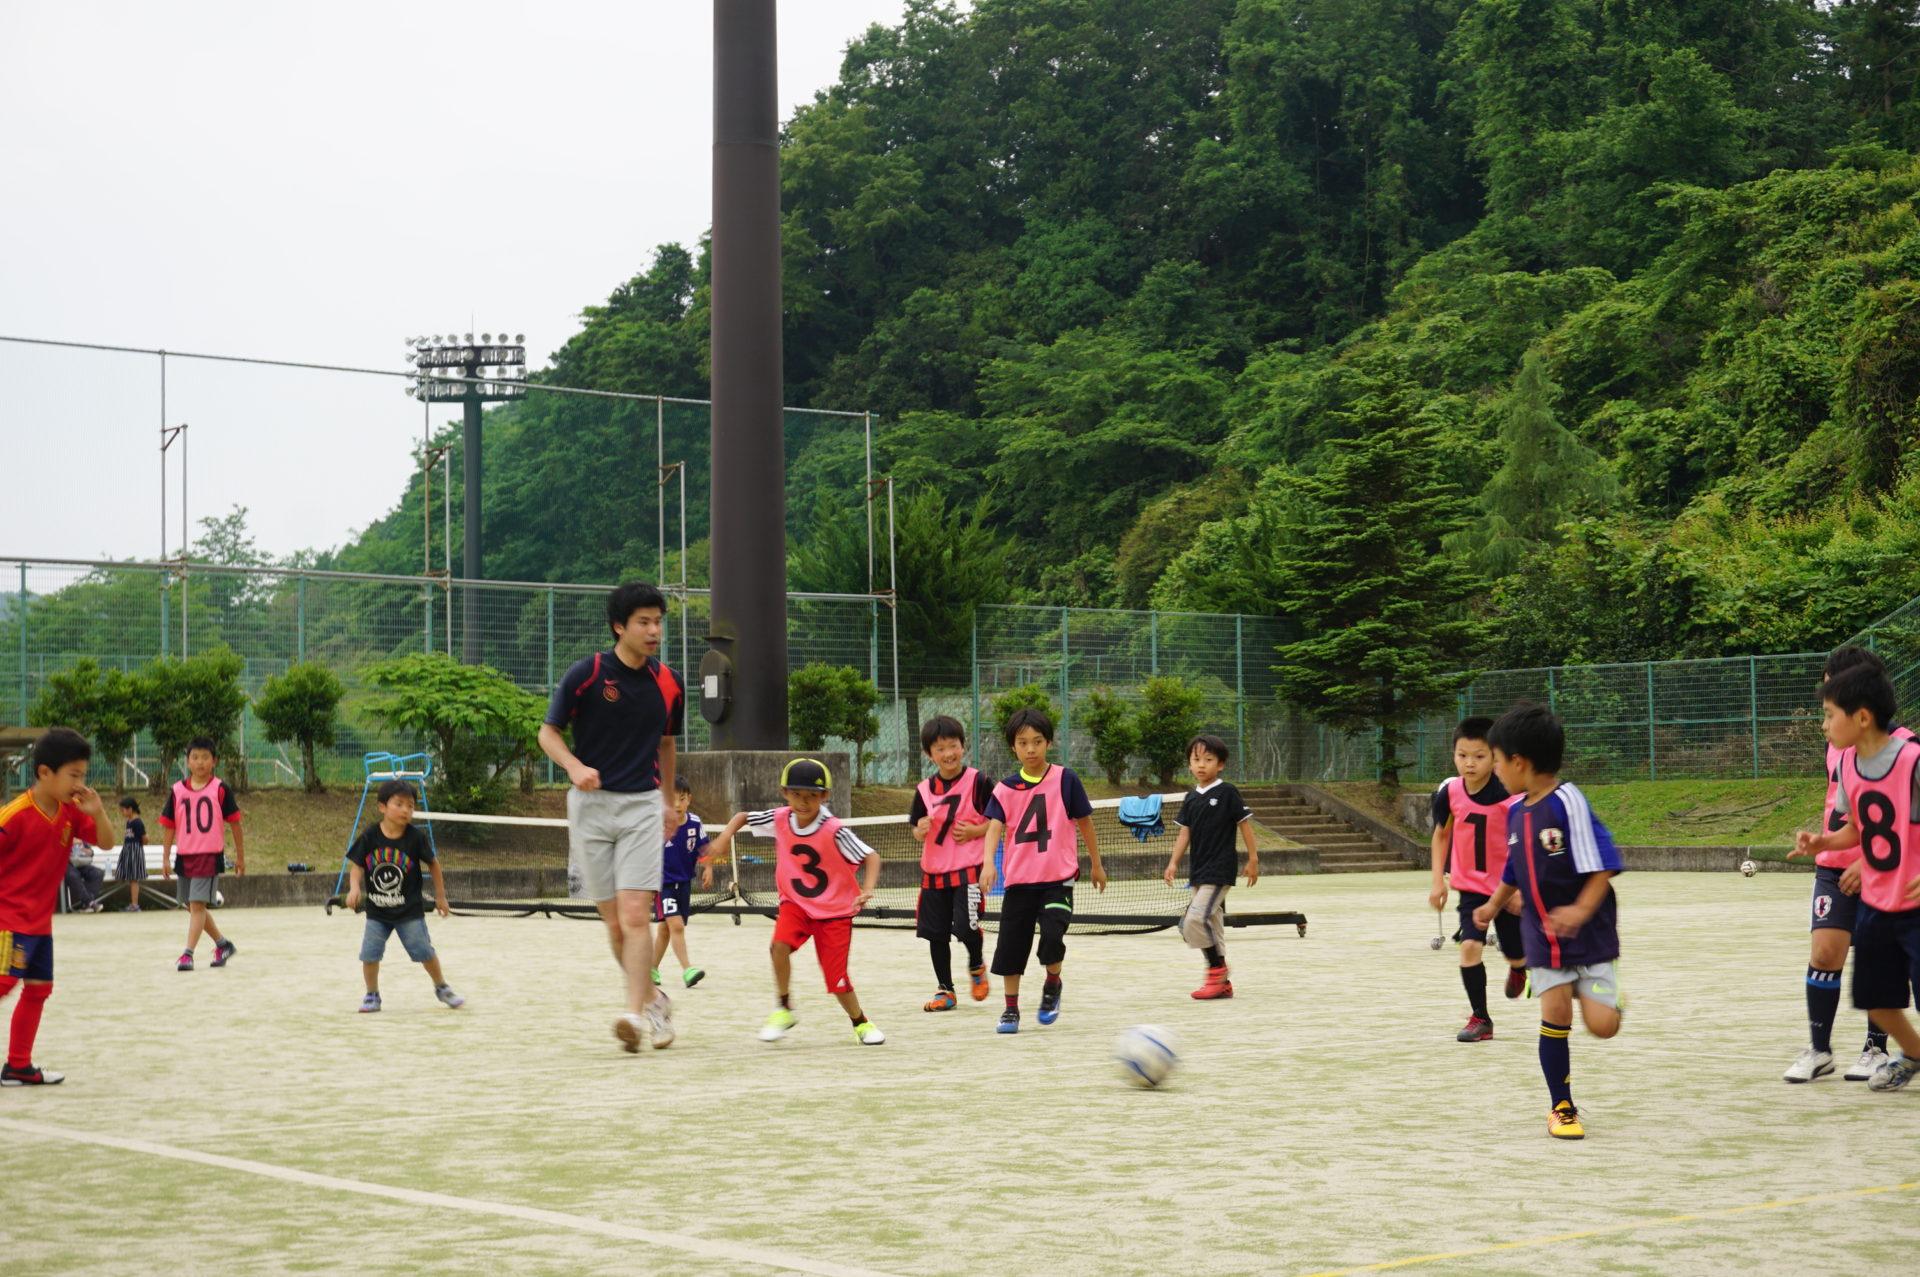 8月1日 エンジョイサッカー中止のお知らせ